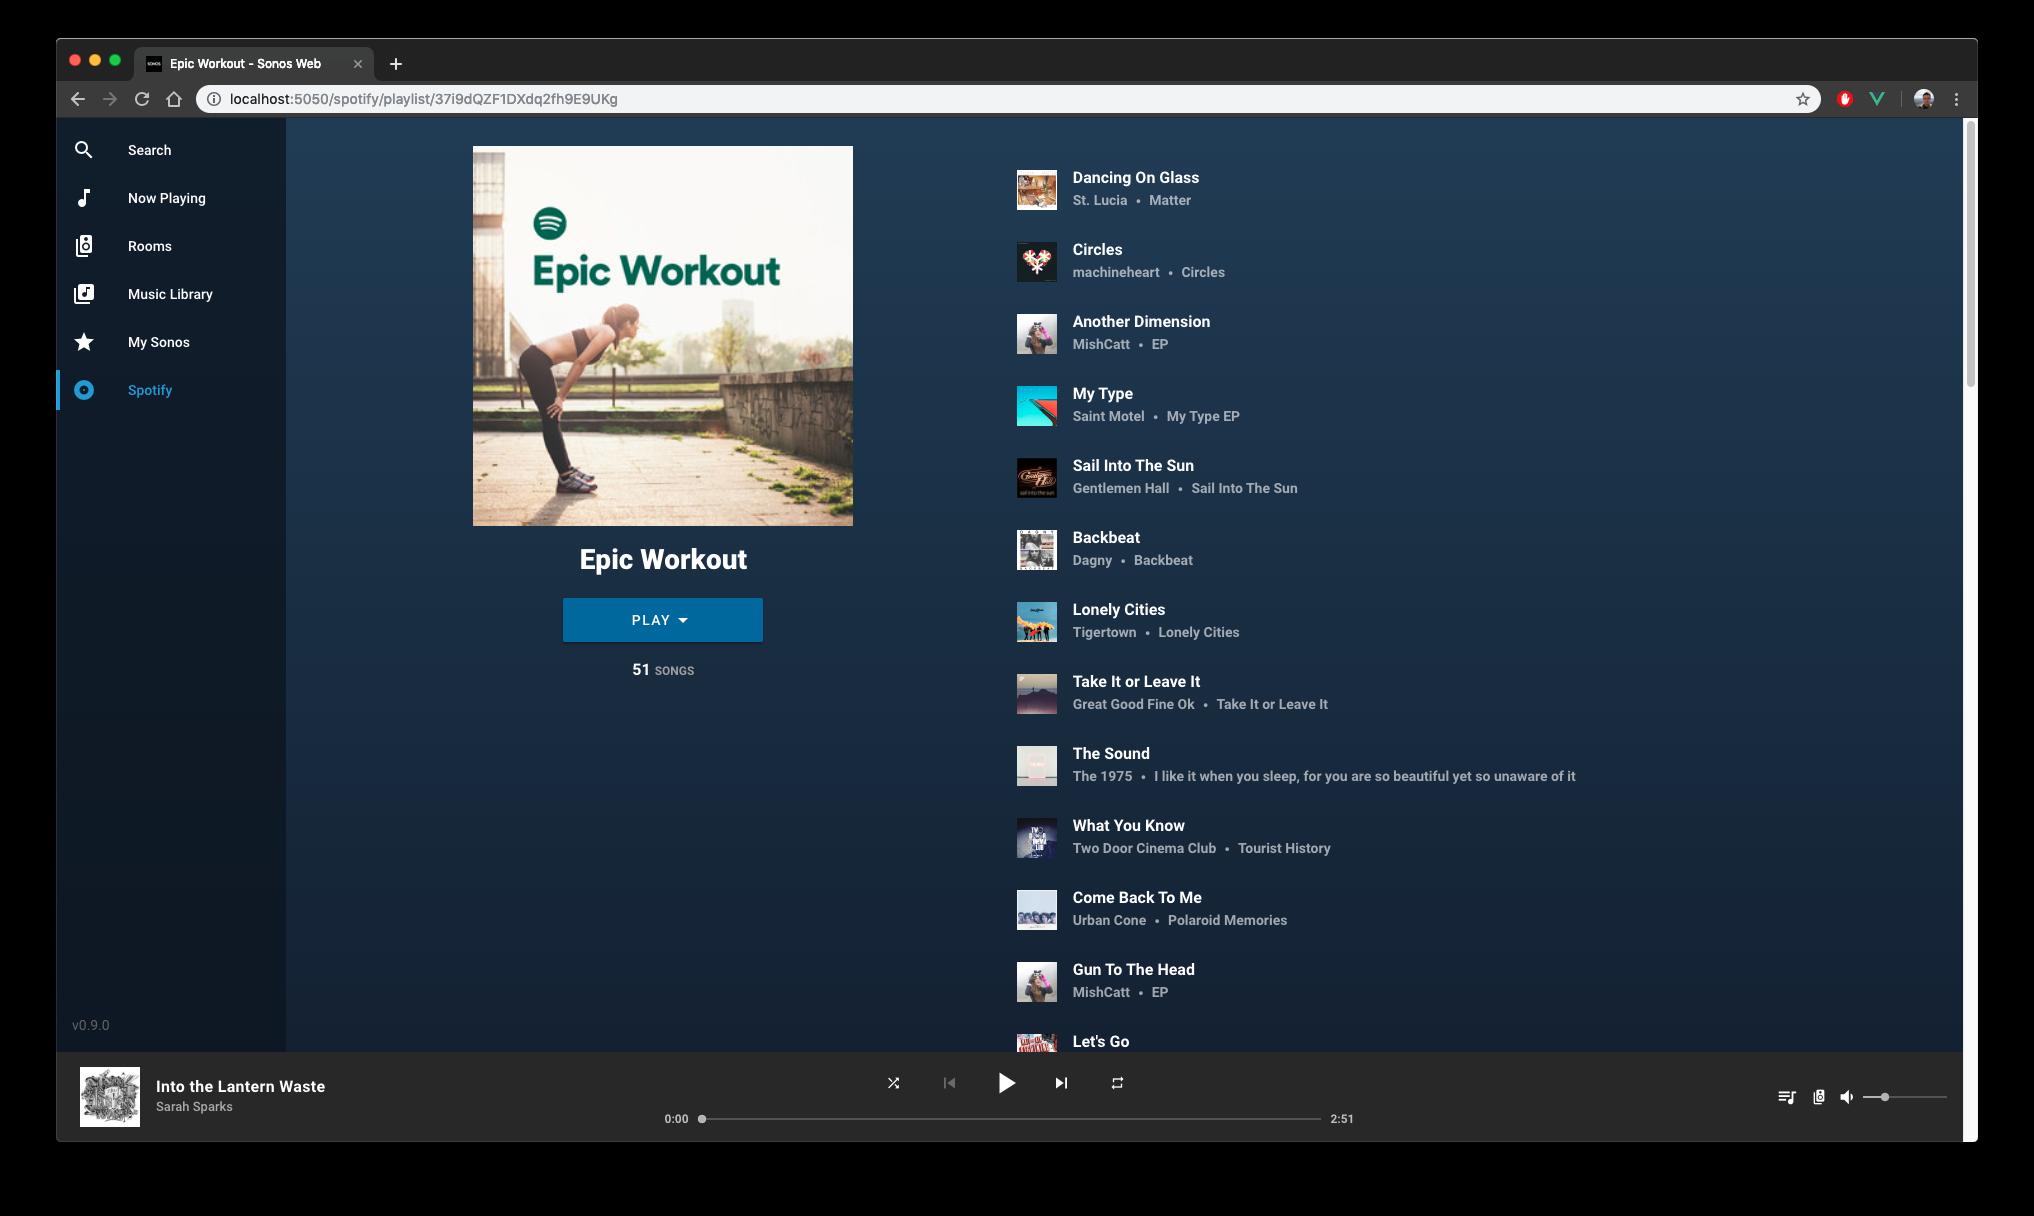 Spotify Playlist Detail